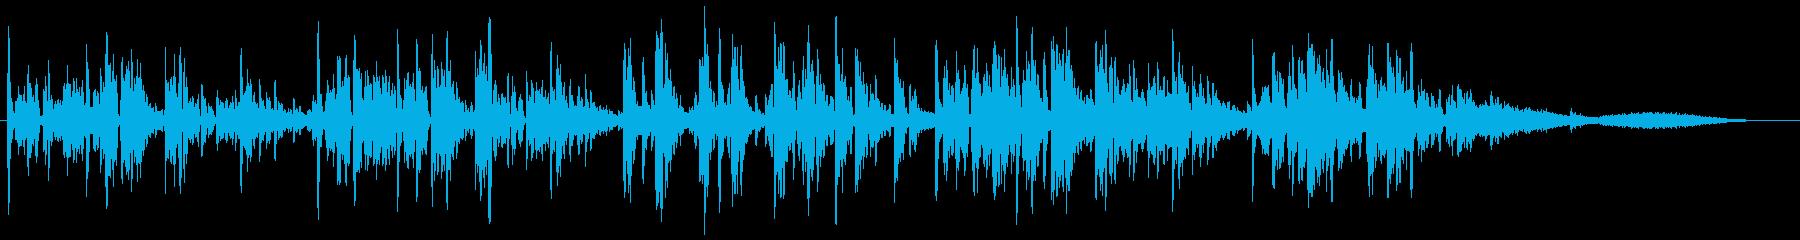 Shiosaiの再生済みの波形